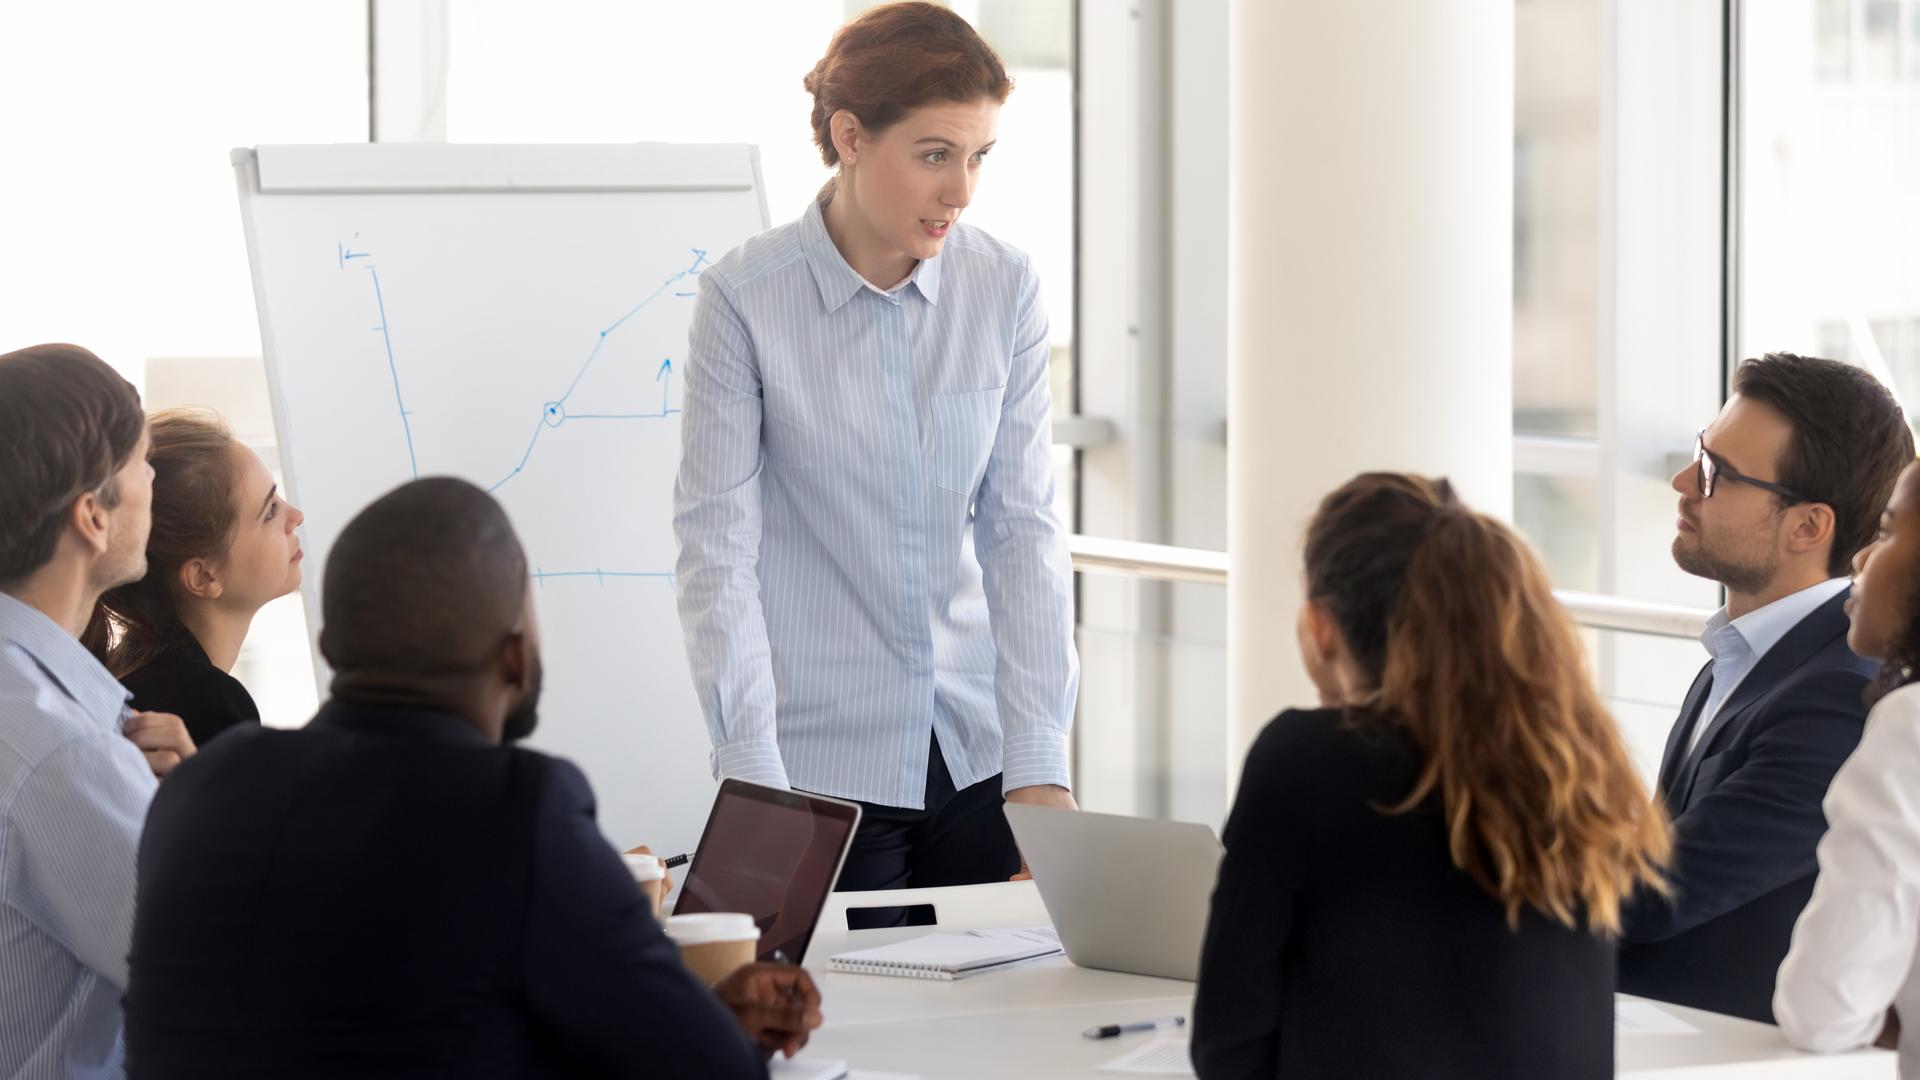 Esperto al lavoro in riunione